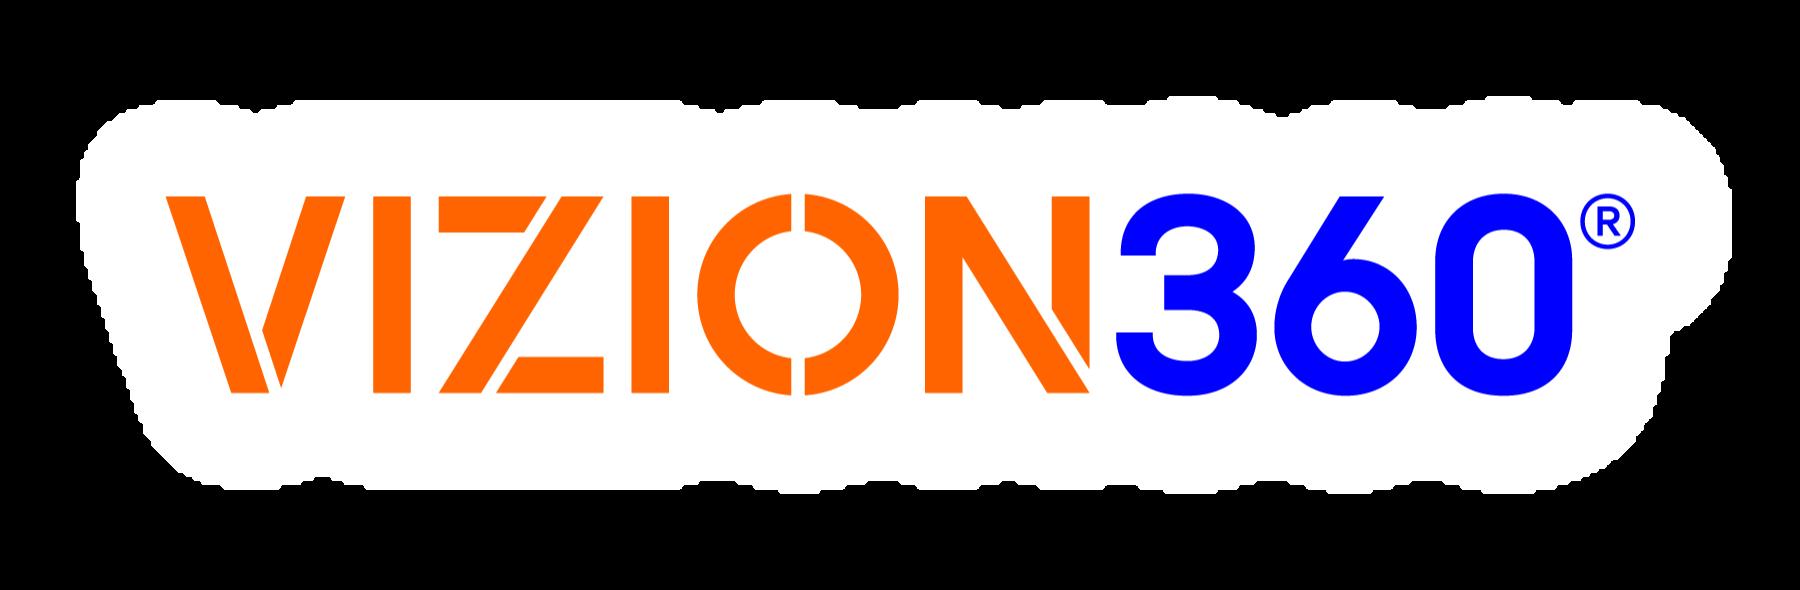 Vizion360 Logo